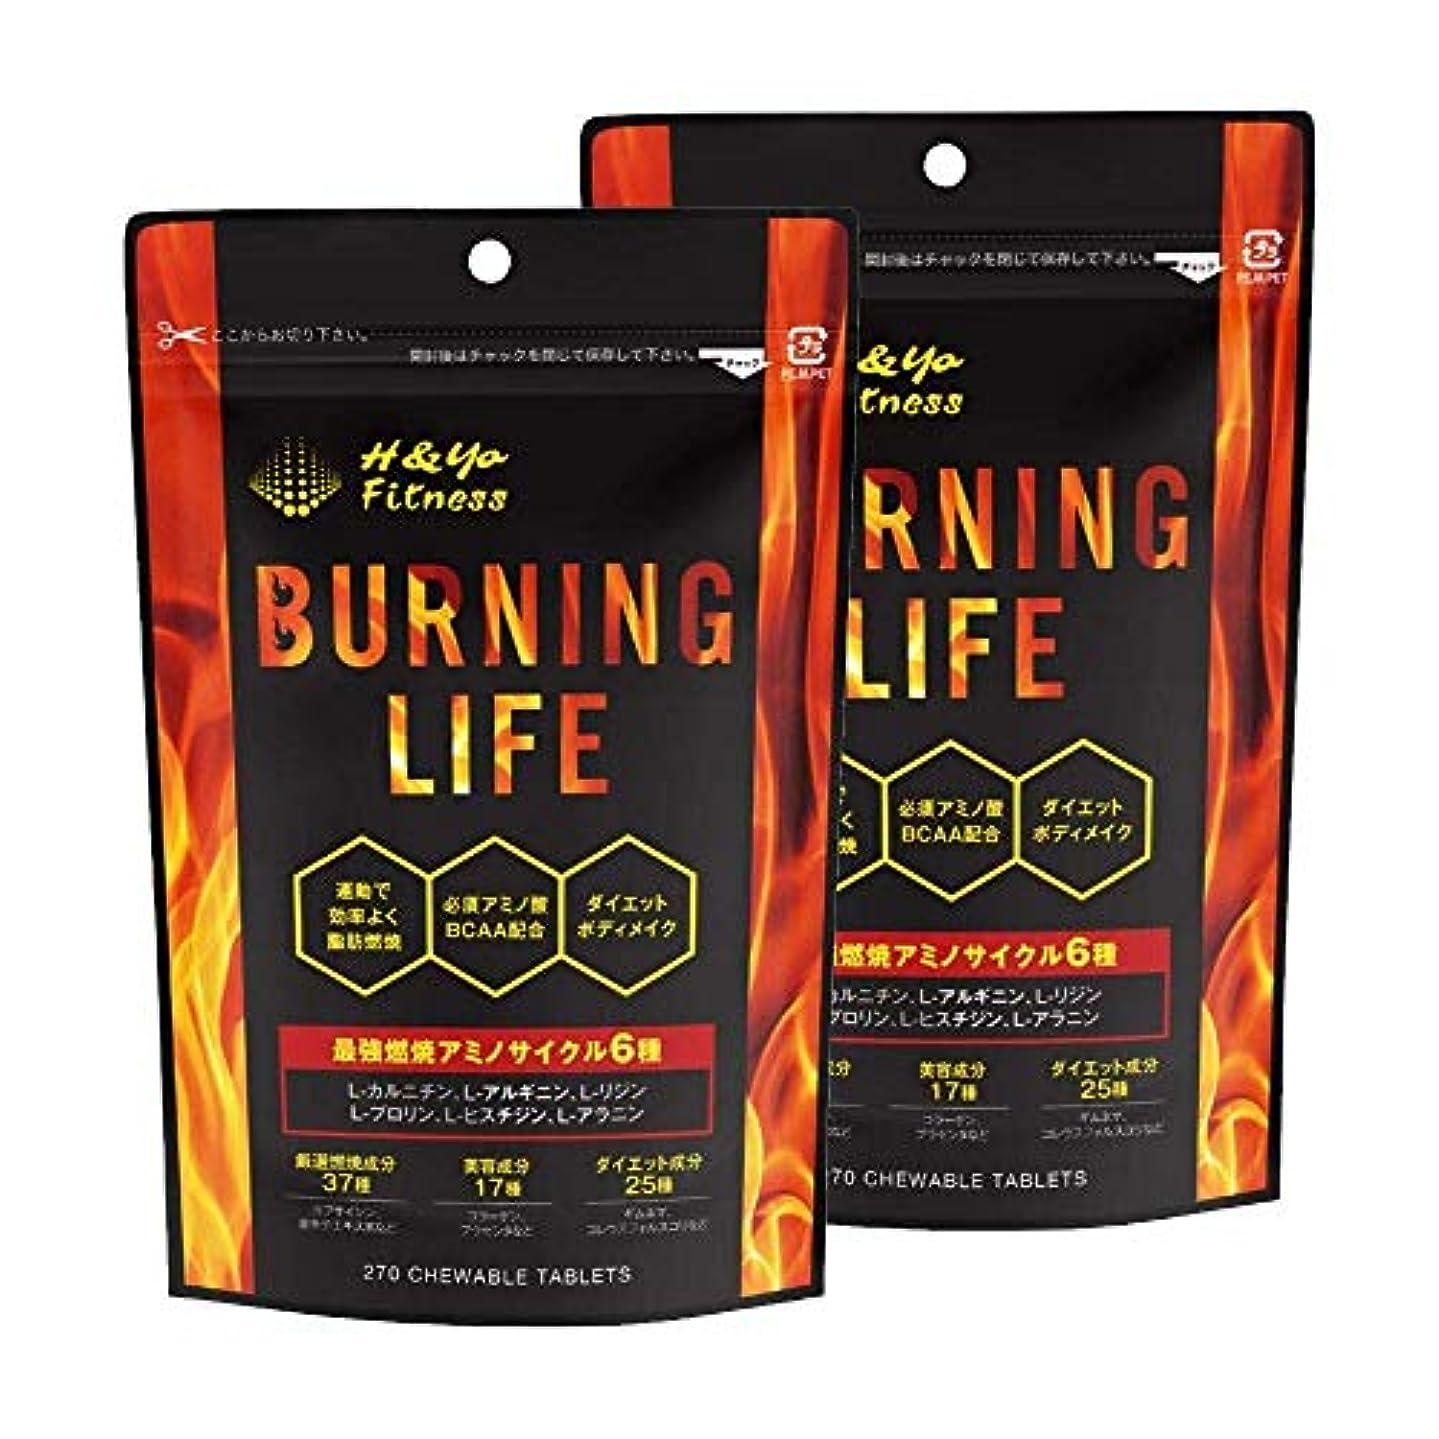 交差点慎重彼らBURNING LIFE 燃焼系ダイエットサプリ L-カルニチン 必須アミノ酸BCAA配合 運動時の燃焼を強力サポート 270粒 (2か月分)